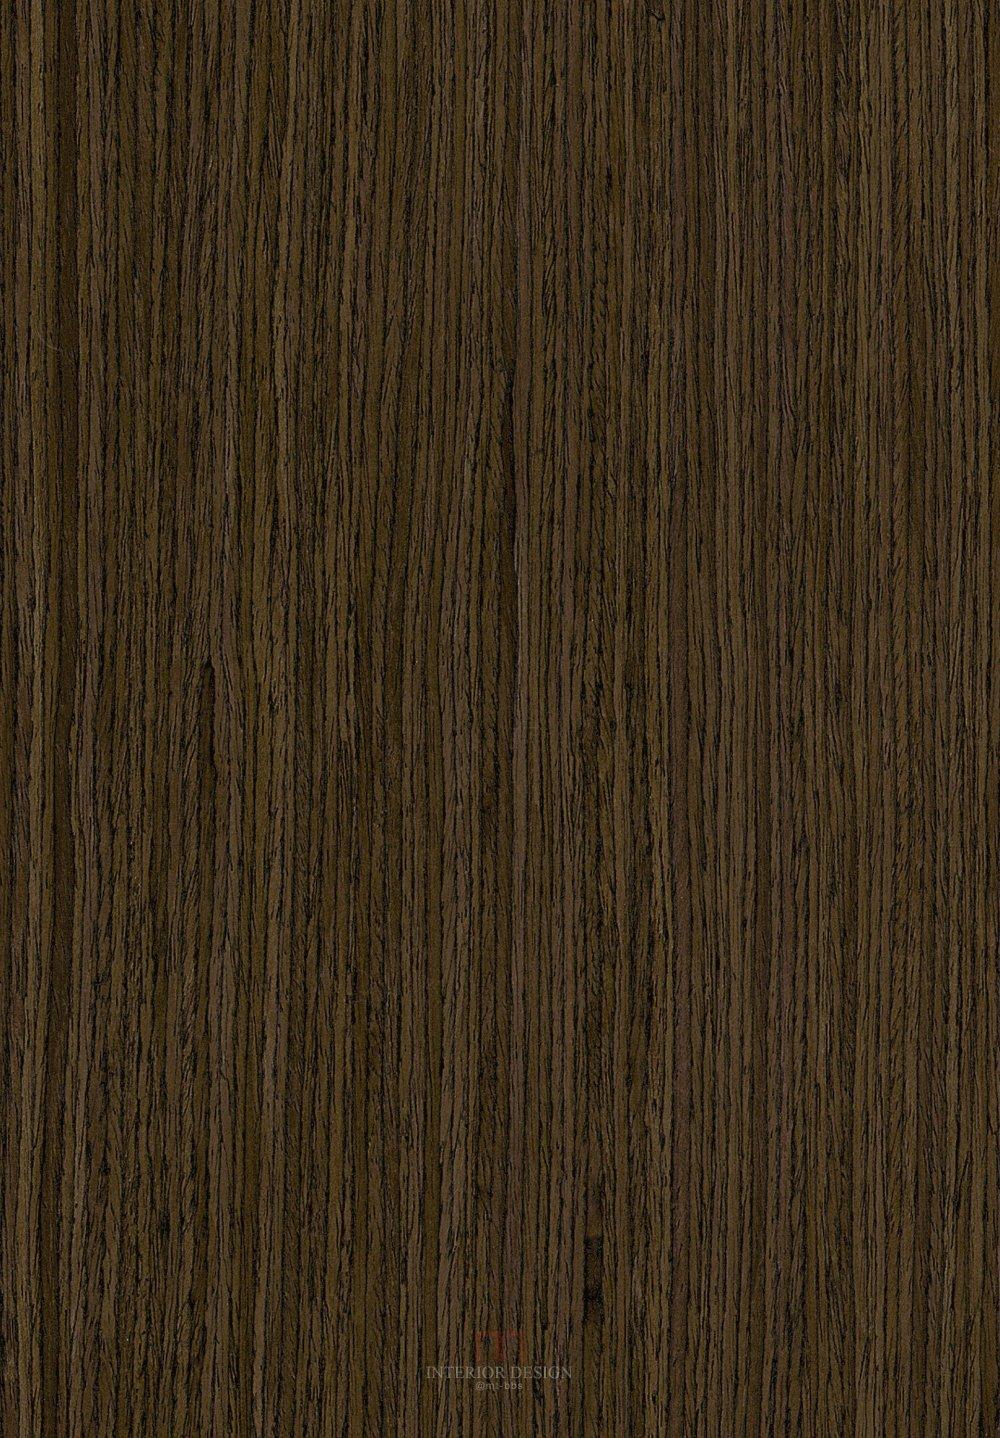 人造木纹_K6252_F0603.jpg